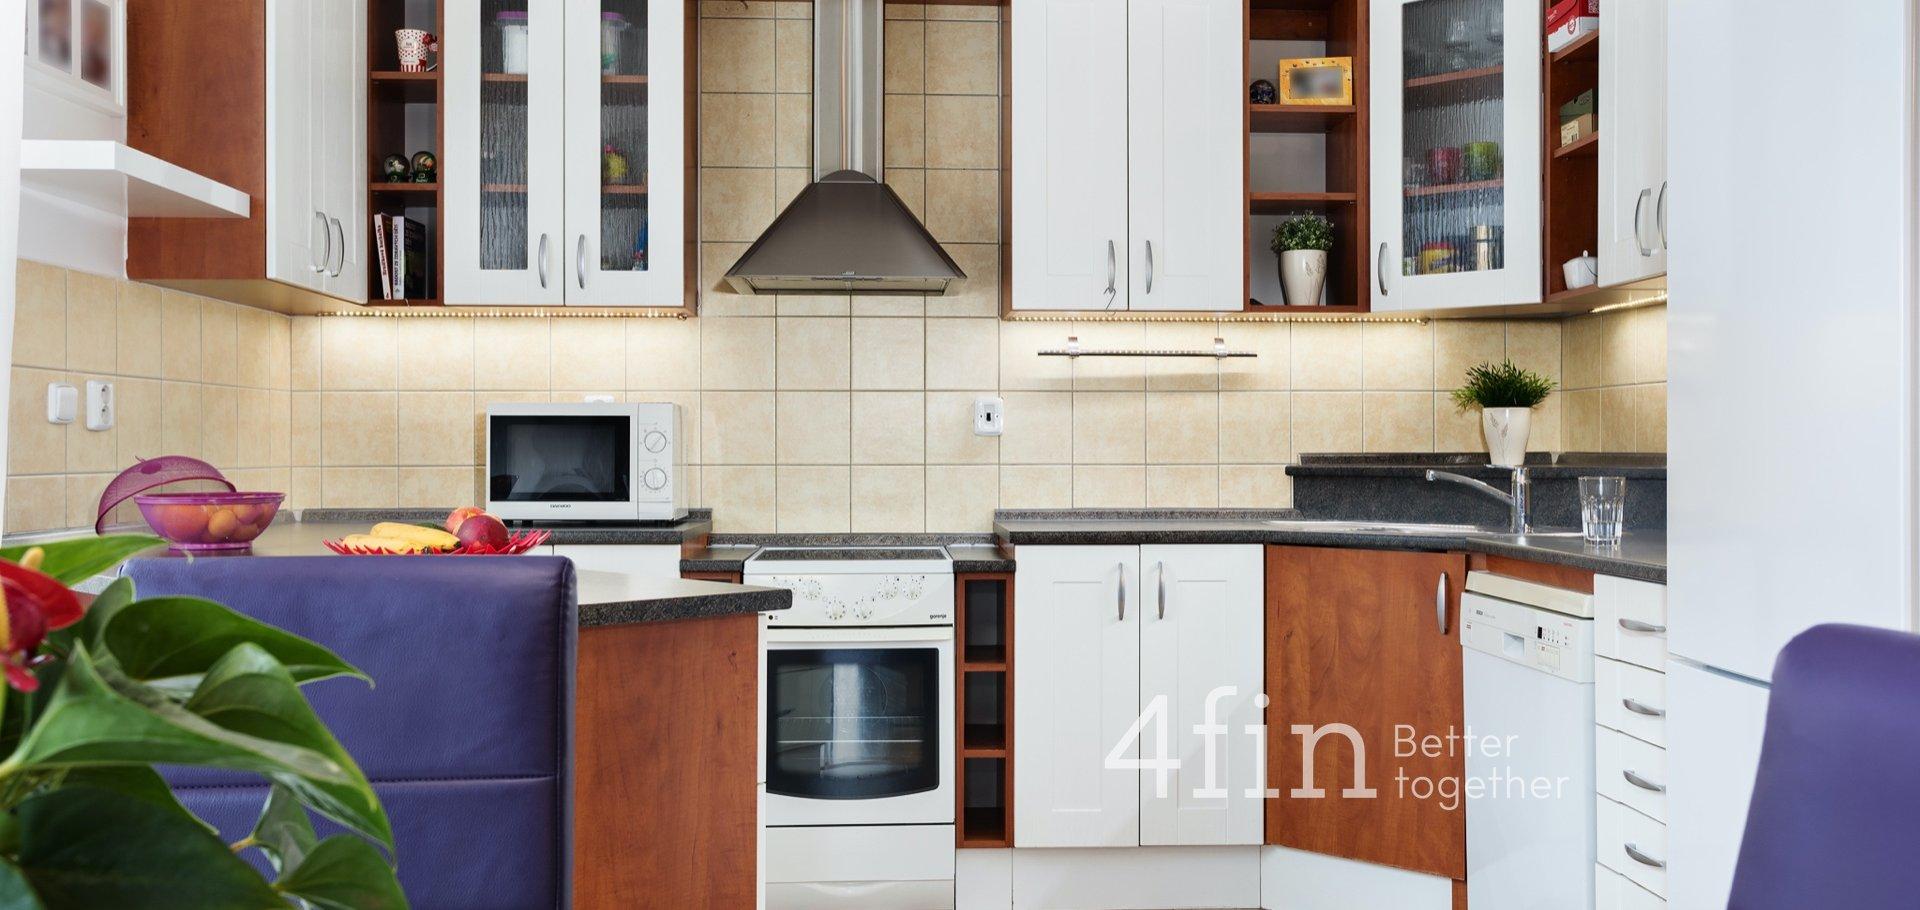 Prodej bytu 3+kk 86m² s garáží - Plzeň - Severní Předměstí